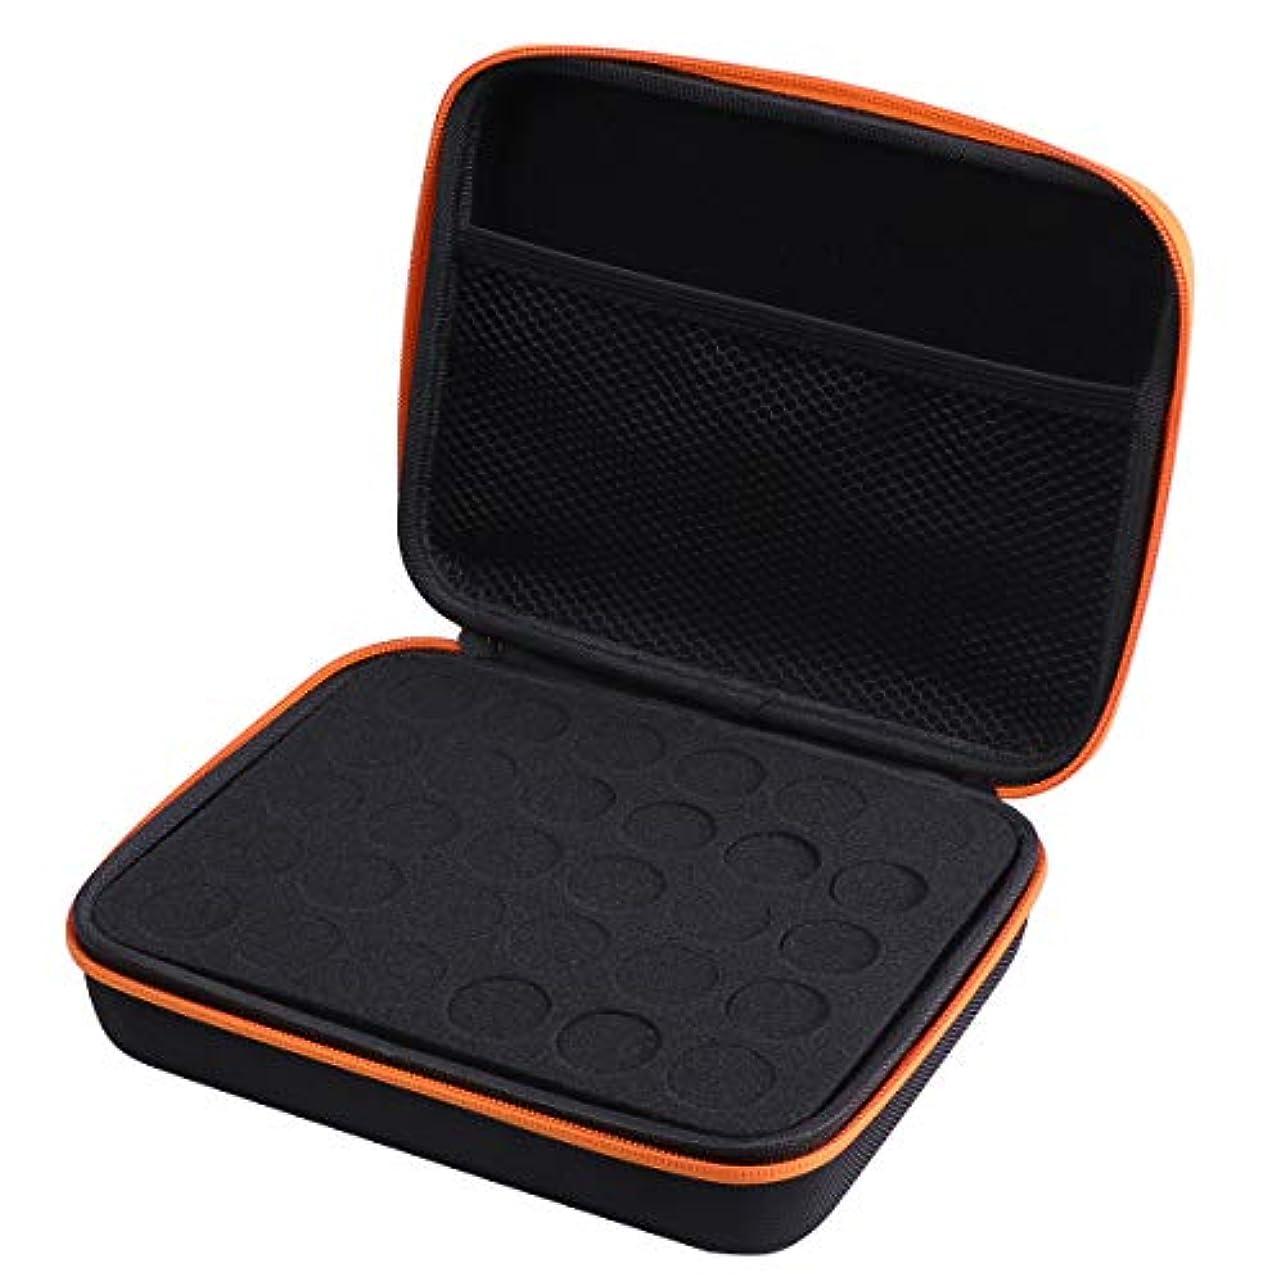 嫌い病気月曜Frcolor エッセンシャルオイル ケース 携帯用 アロマポーチ アロマケース メイクポーチ 精油ケース 30本用(オレンジ)